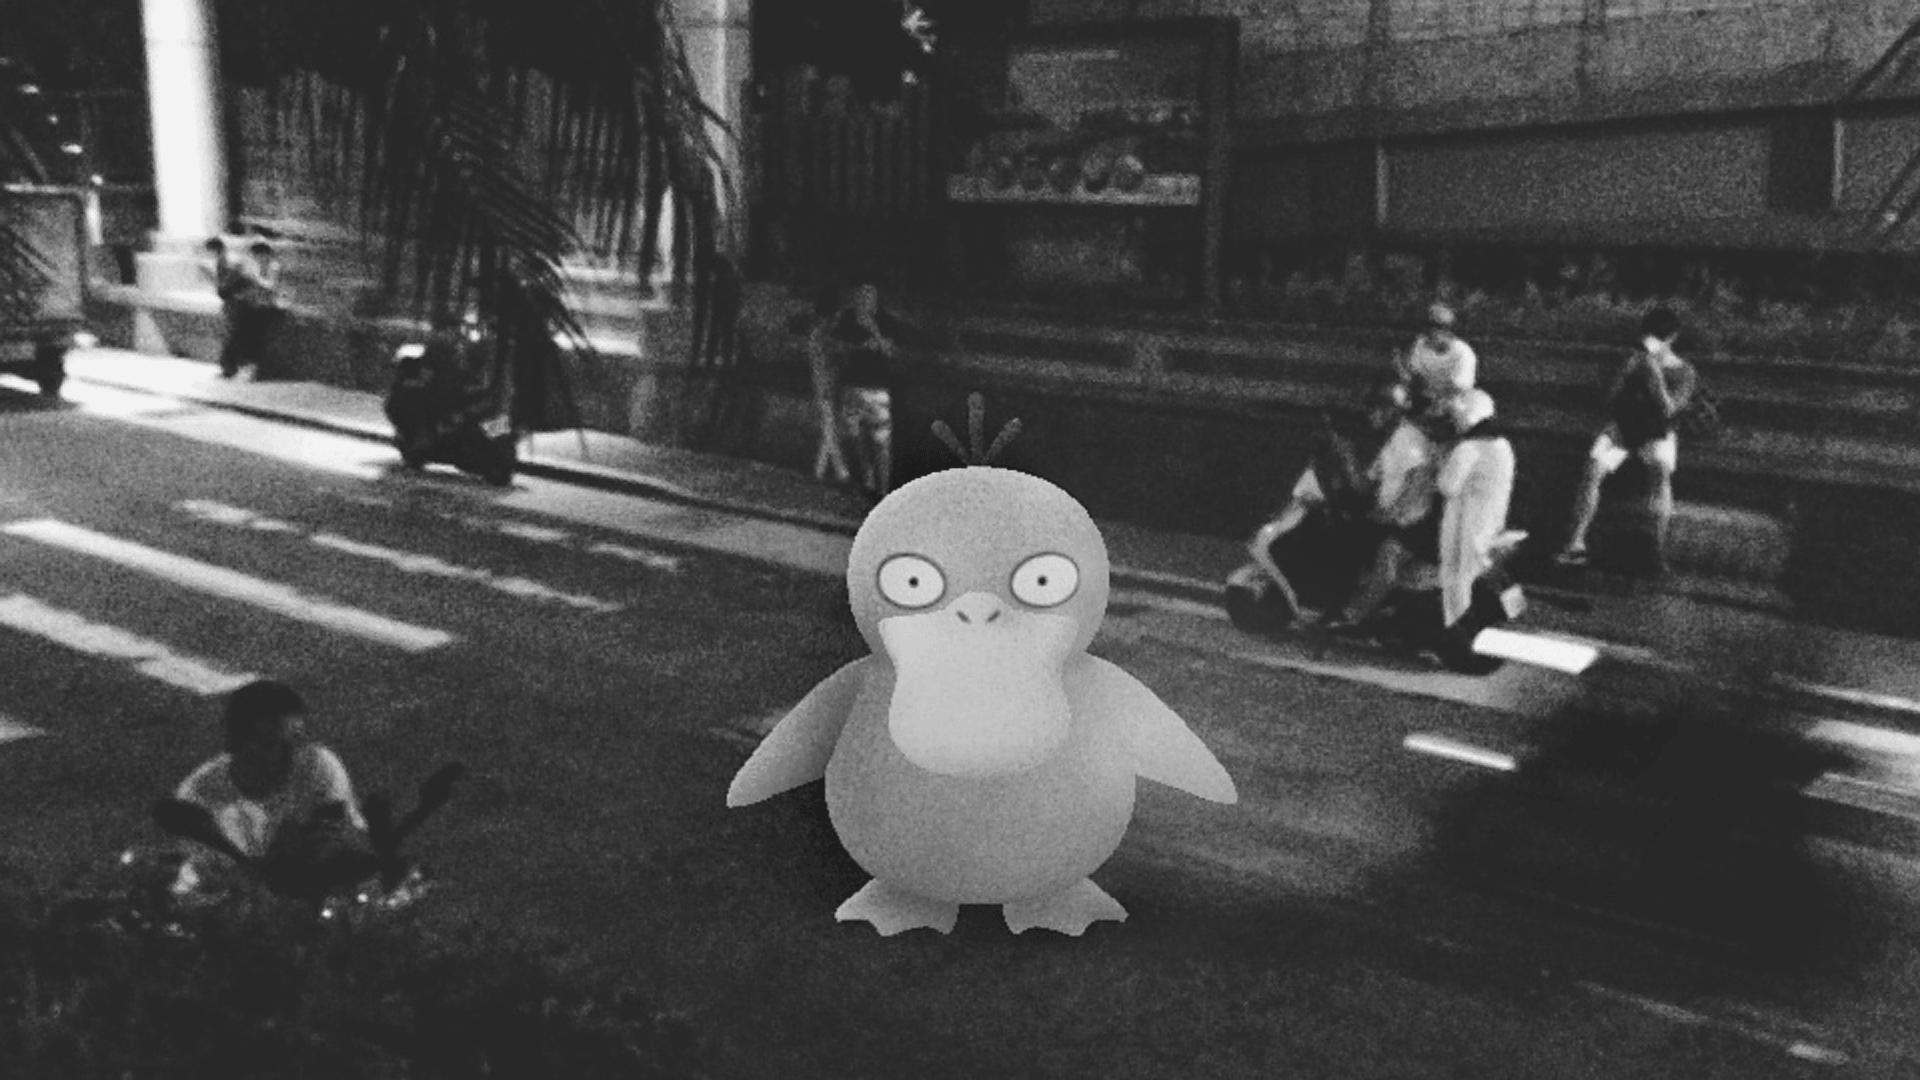 逕行穿越馬路的可達鴨,2016